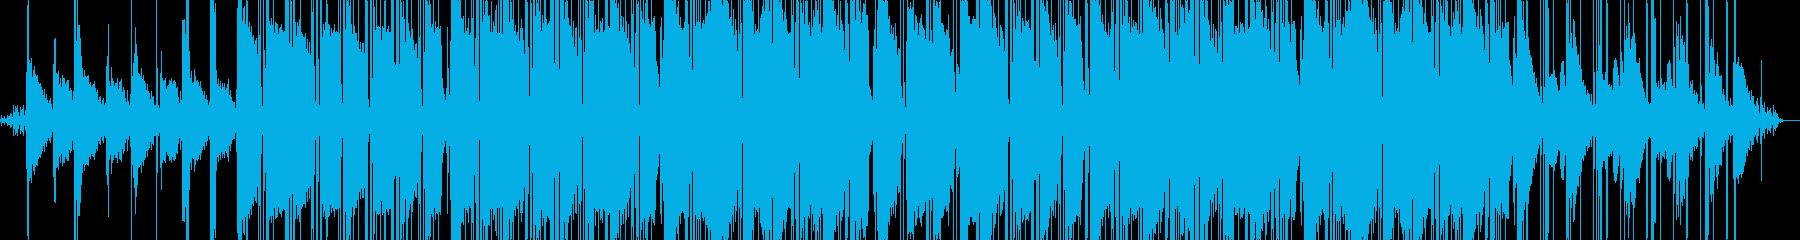 ジャズ、ヒップホップ、ラウンジの再生済みの波形